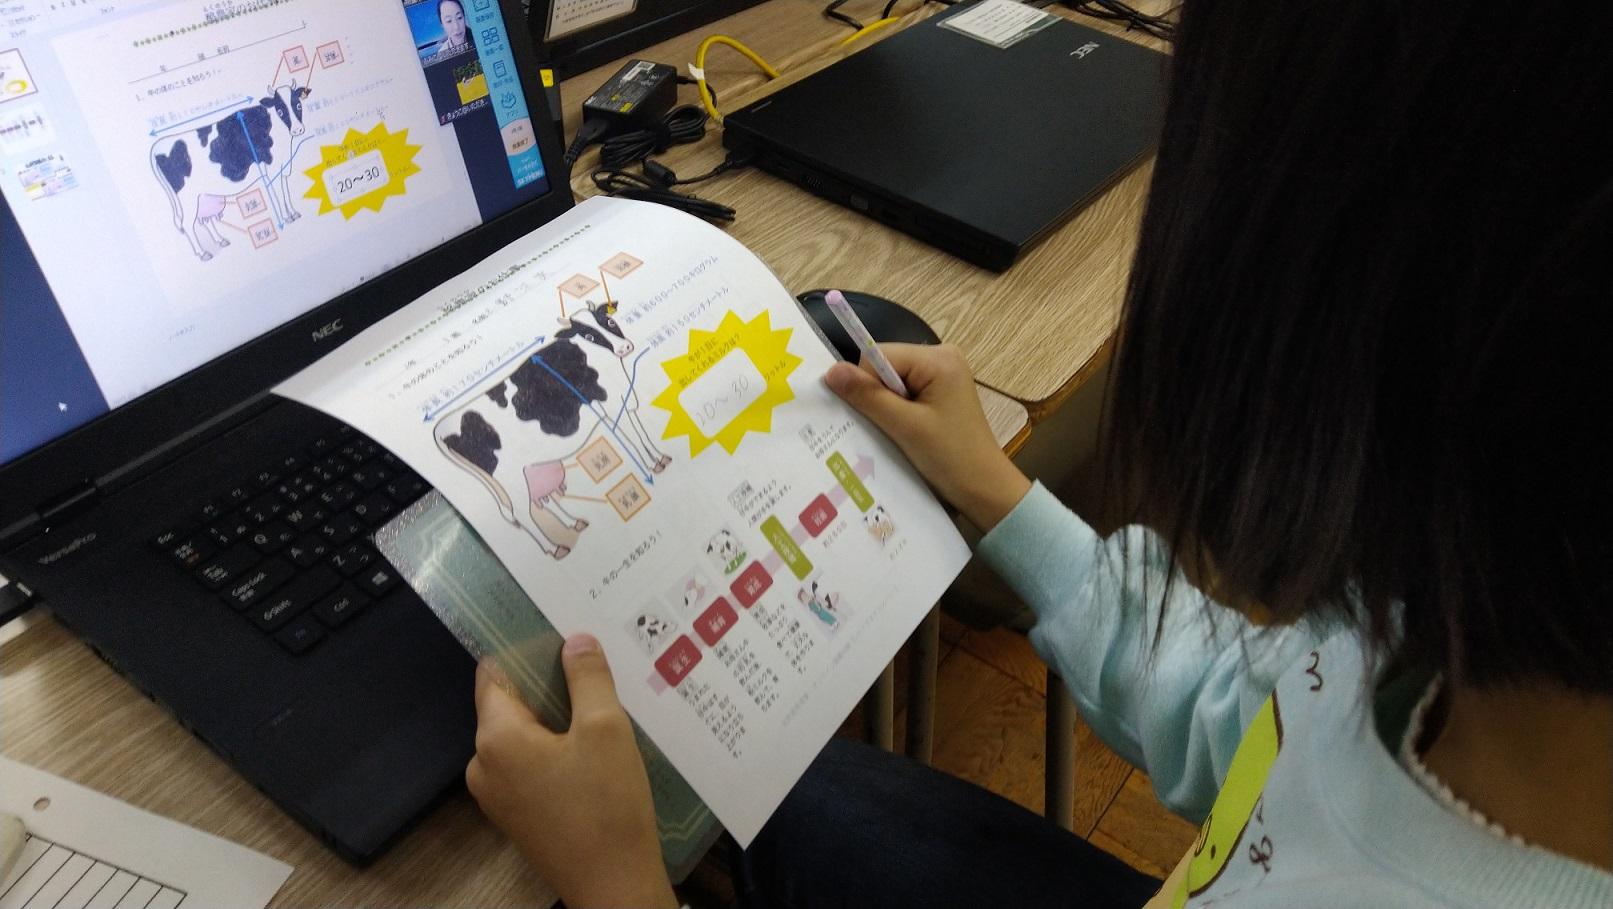 【事例紹介】オンライン校外学習